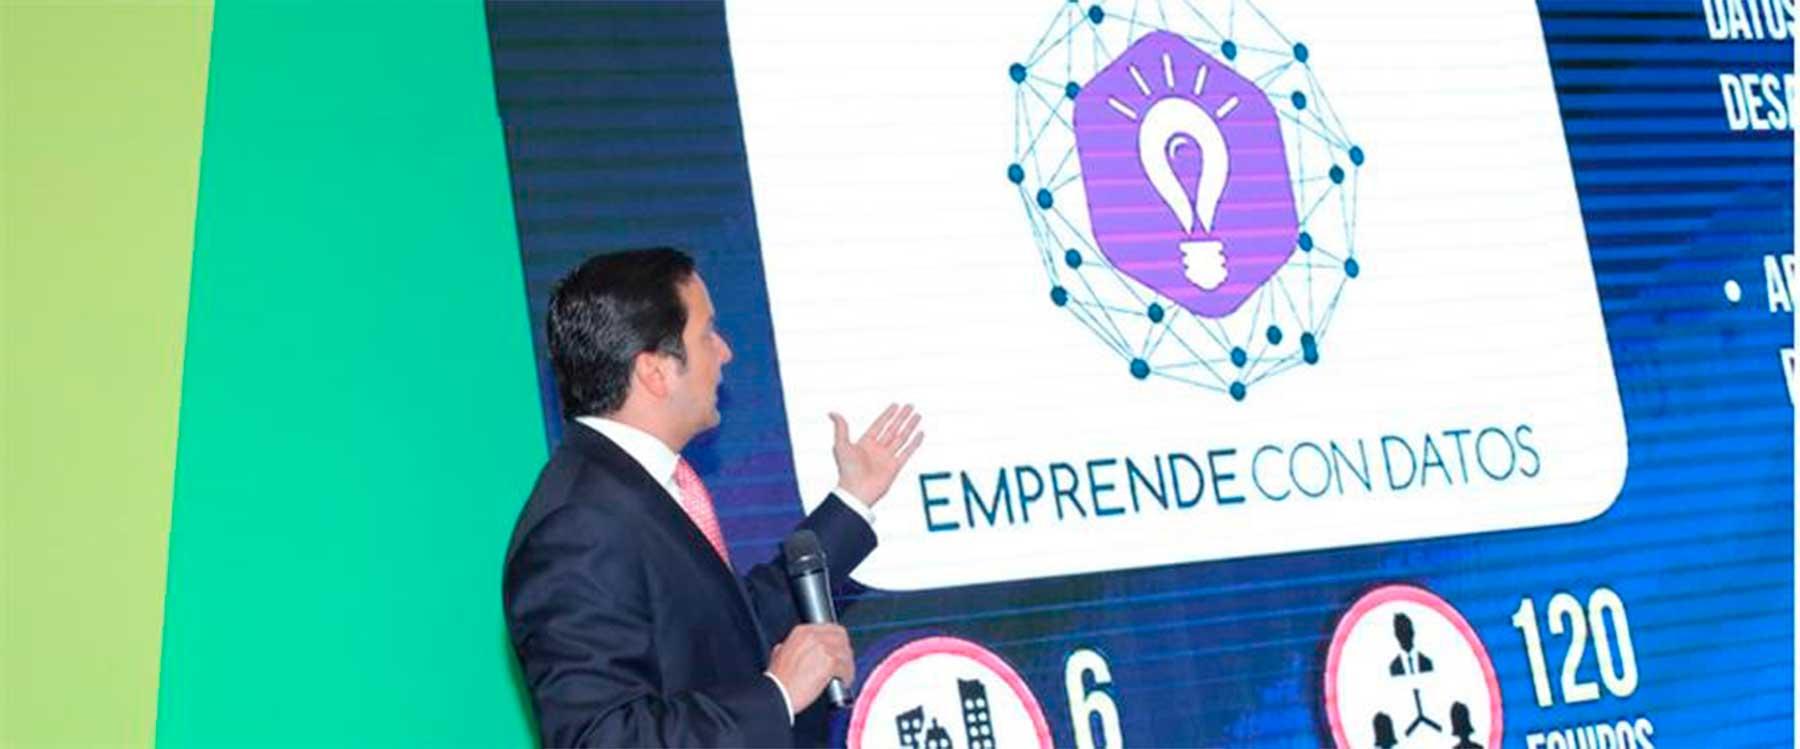 Colombia lanza plataforma de datos abiertos para impulsar la Economía Digital